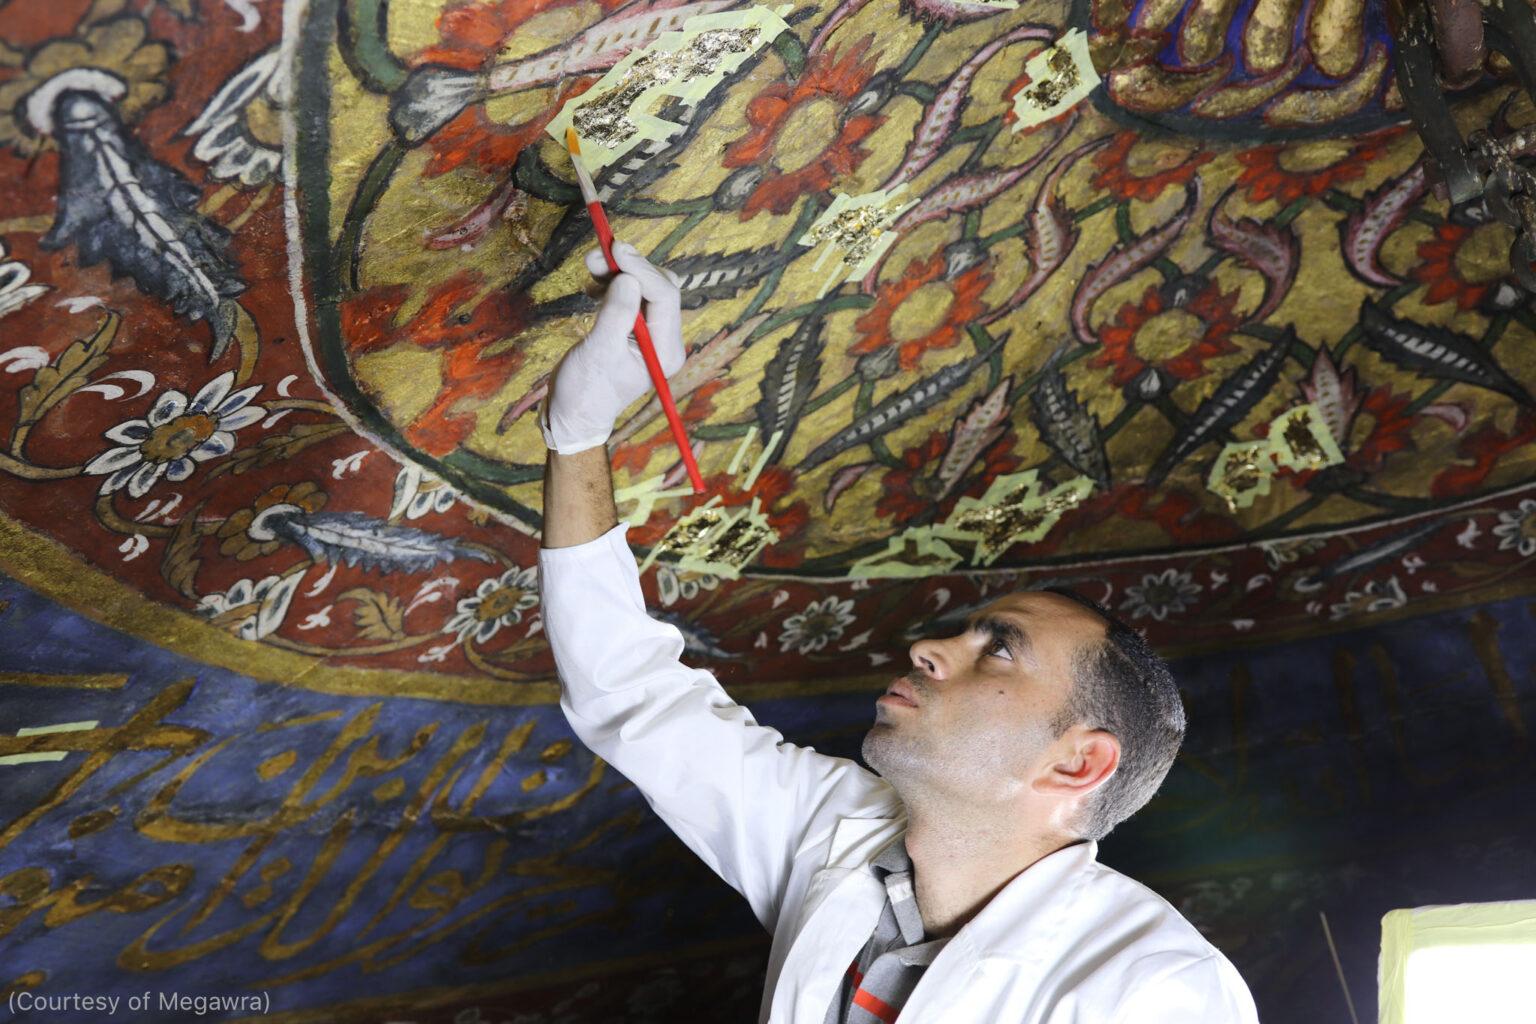 رئيس فريق الترميم مختار عبد العزيز يعمل على طلاء الخشب داخل ضريح الإمام محمد الشافعي في القاهرة